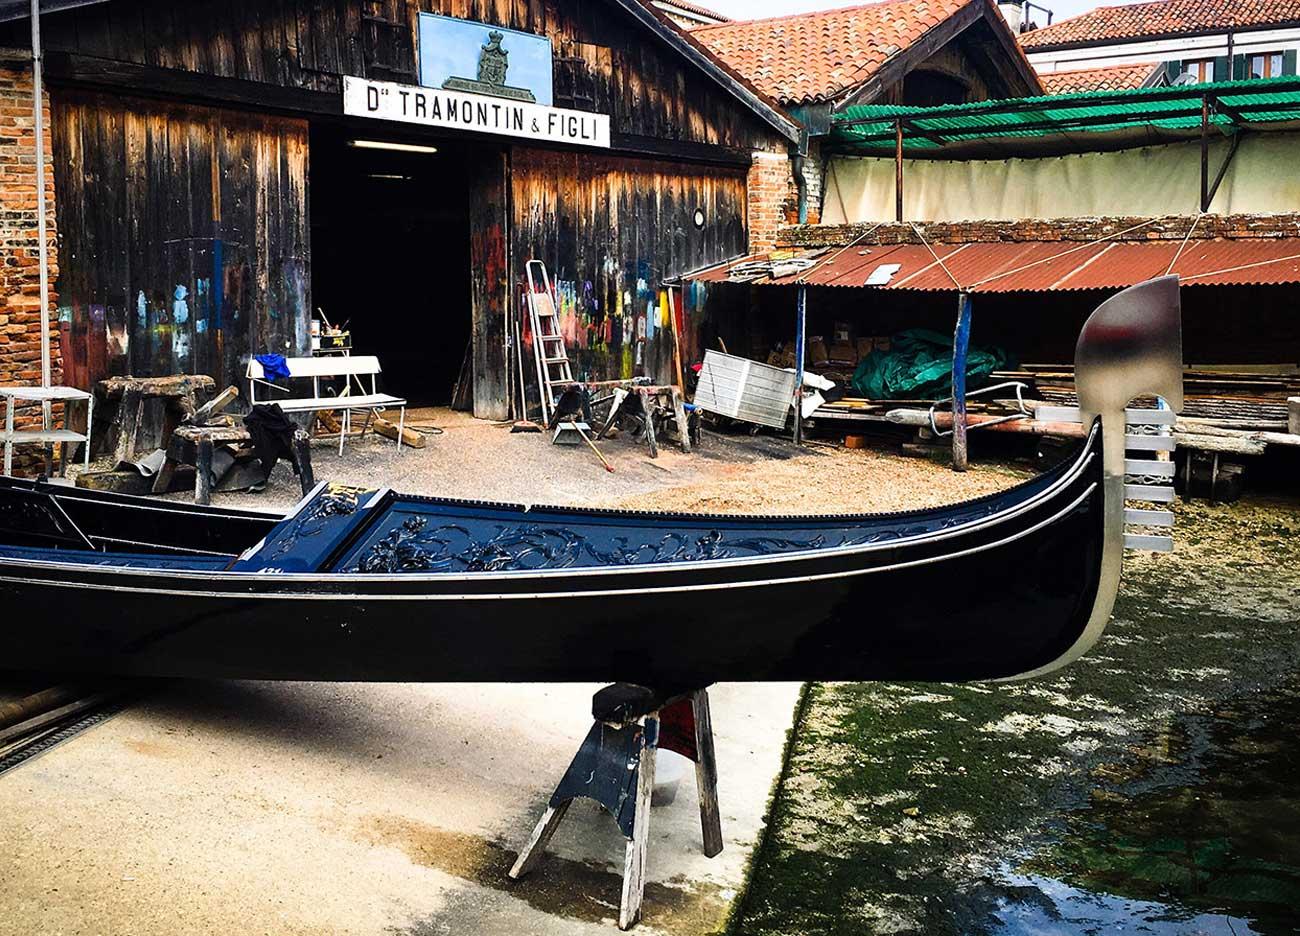 Venezia - Squero Tramontin - Il mondo in una Gondola